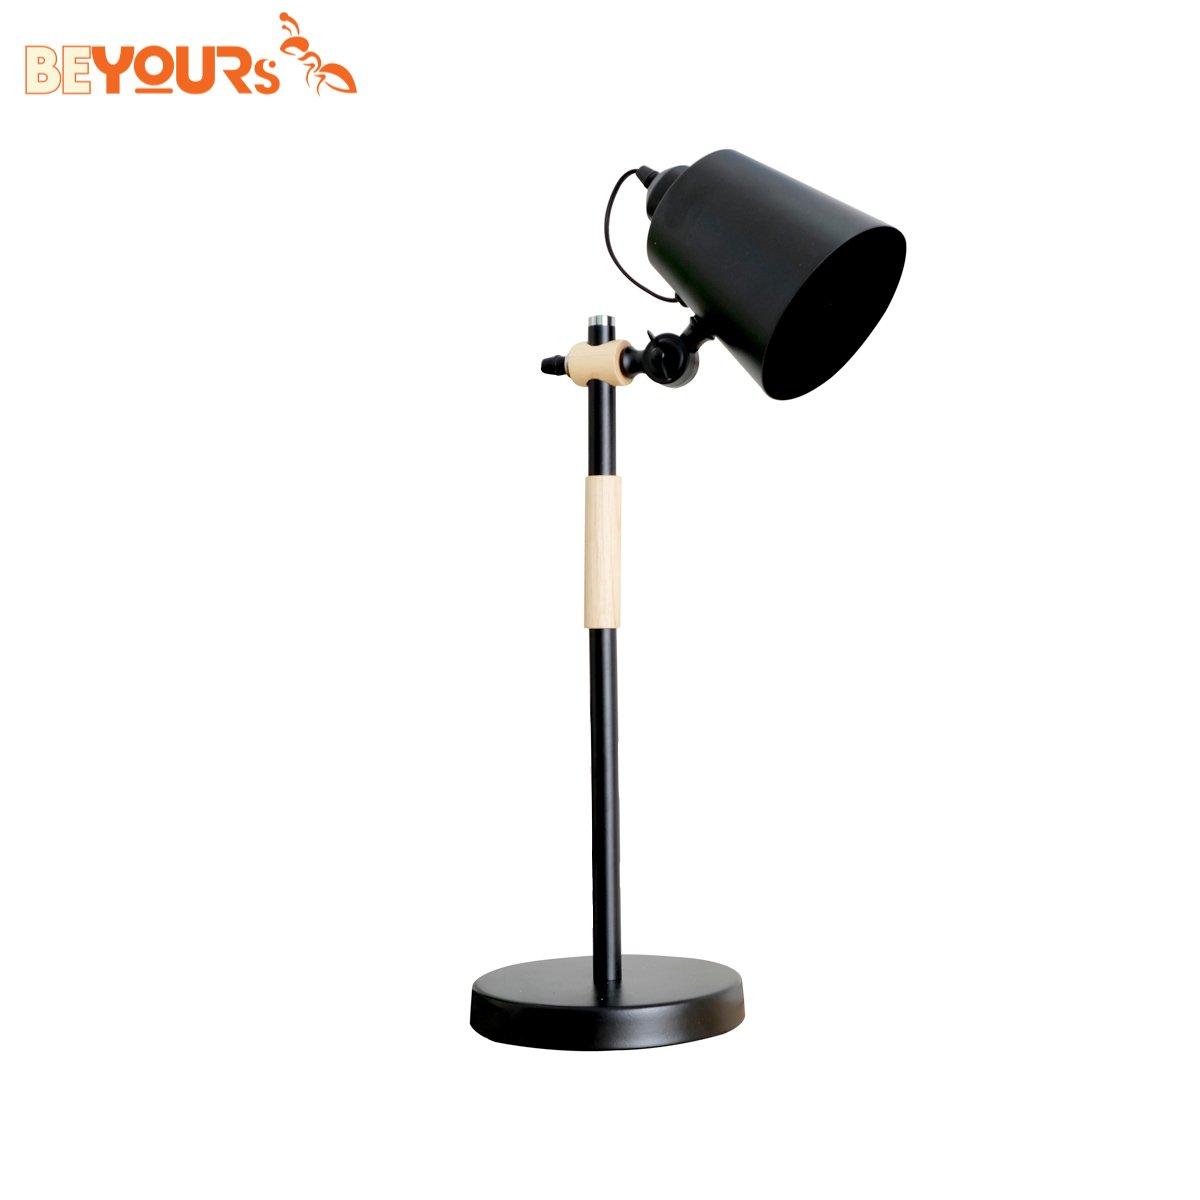 Đèn Làm Việc A Chin Lamp Black